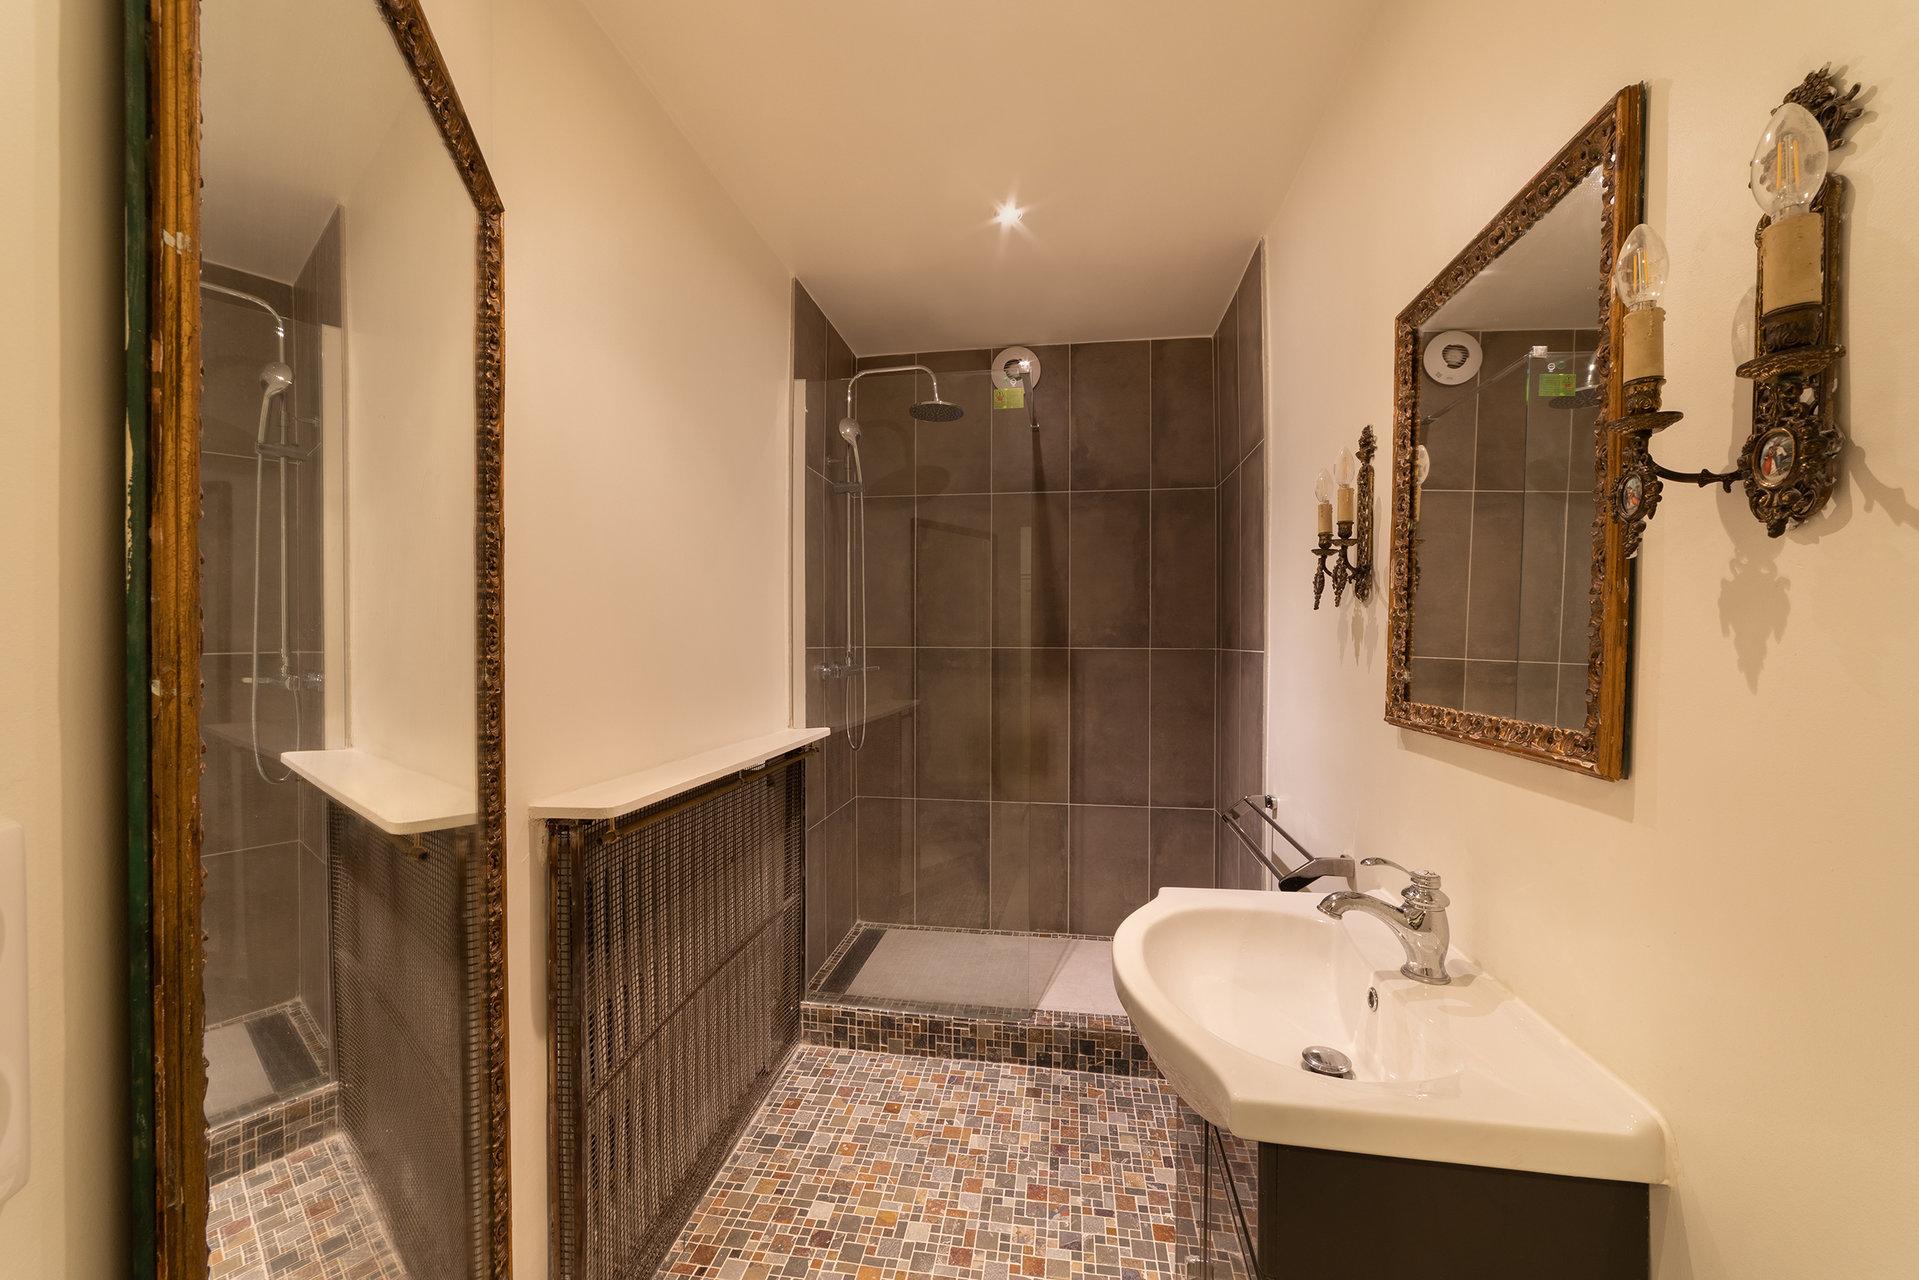 Rental Apartment - Paris 7th (Paris 7ème) Saint-Thomas-d'Aquin